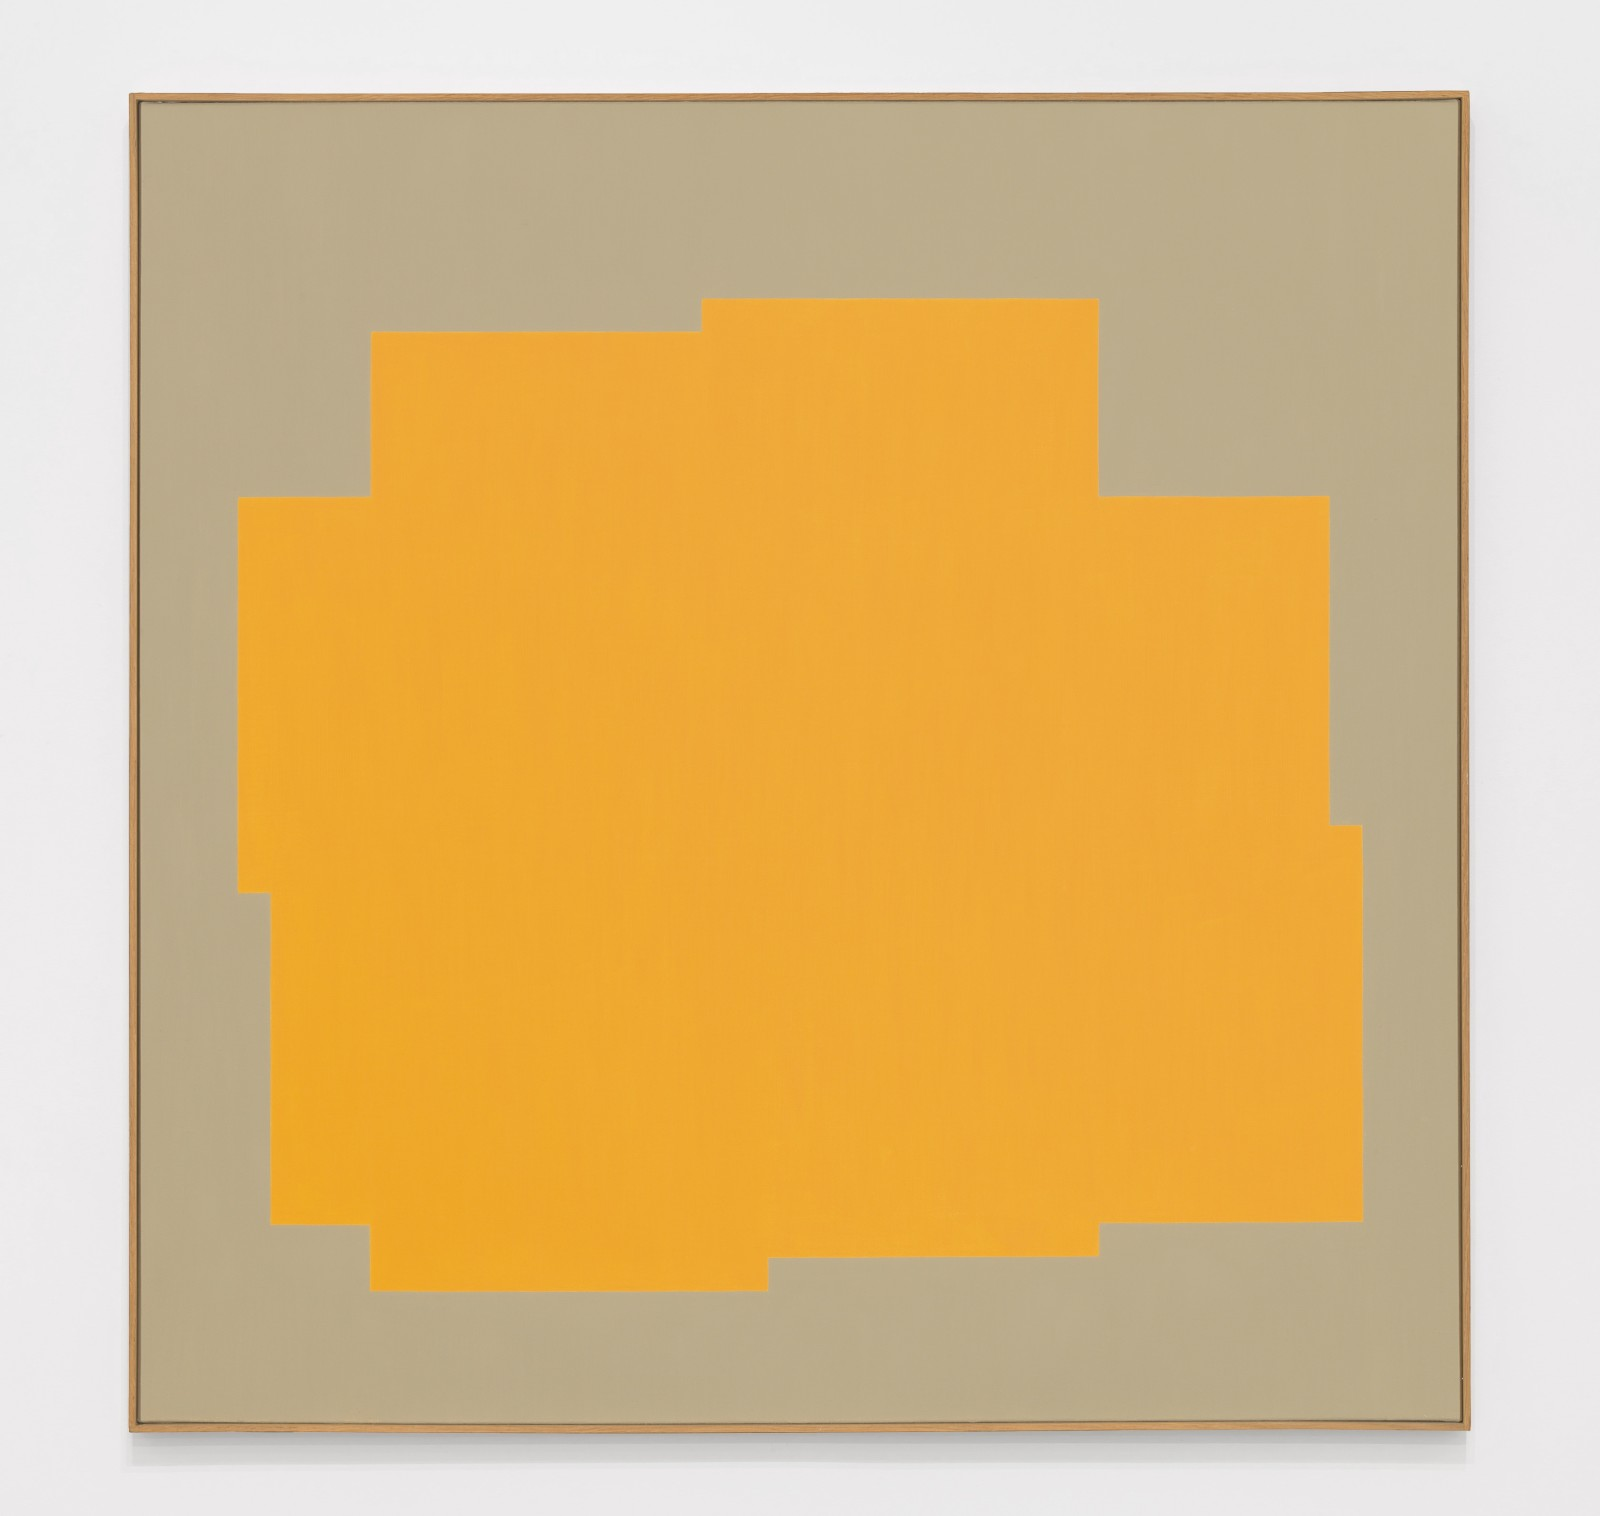 VERENA LOEWENSBERG, Untitled, 1984